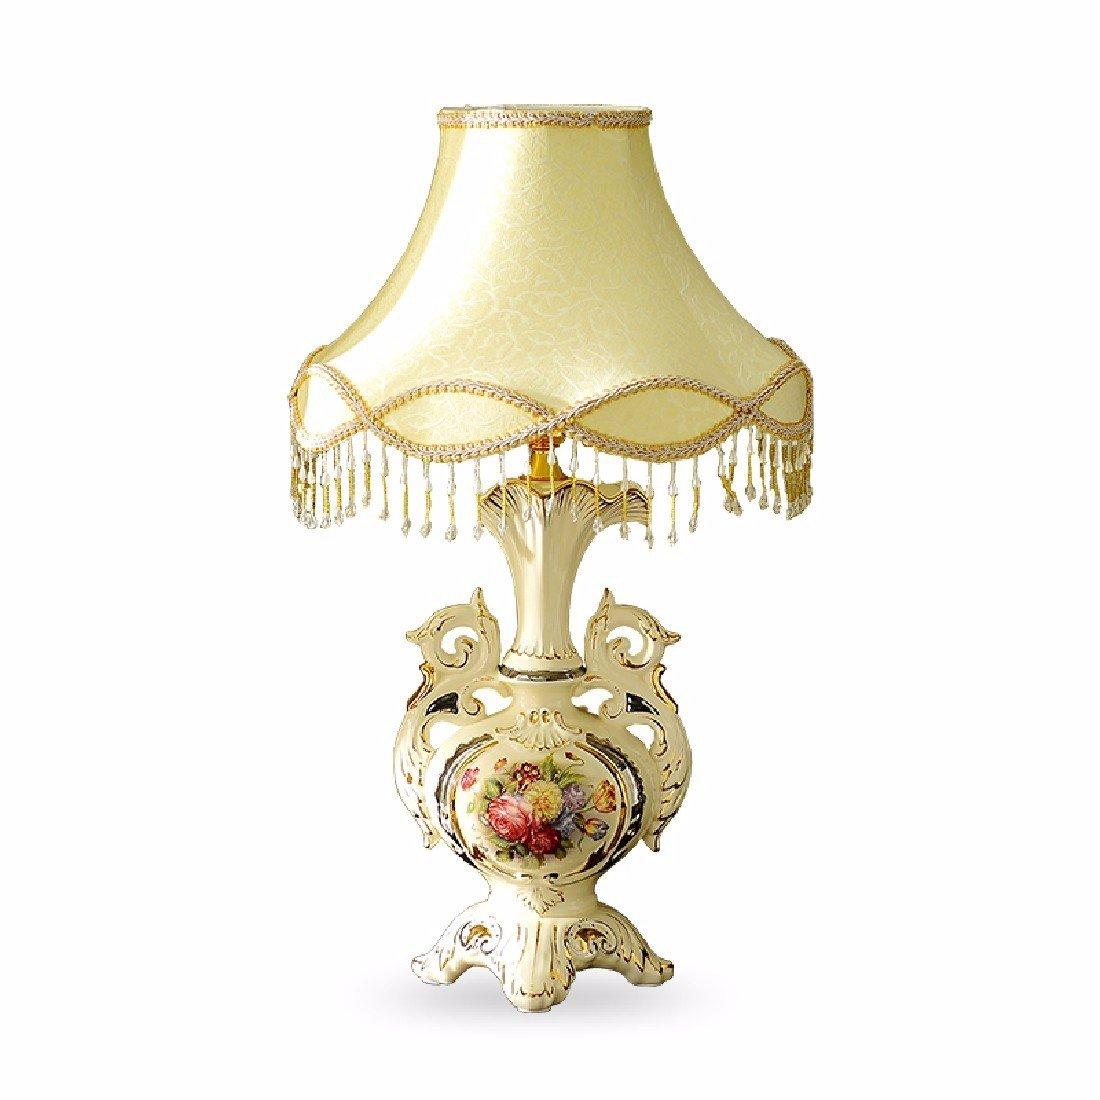 YFF@ILU Europäischen Tischleuchte, warme Schlafzimmer Nachttischlampe, Luxus retro pastorale Wohnzimmer Keramik Tischlampe,